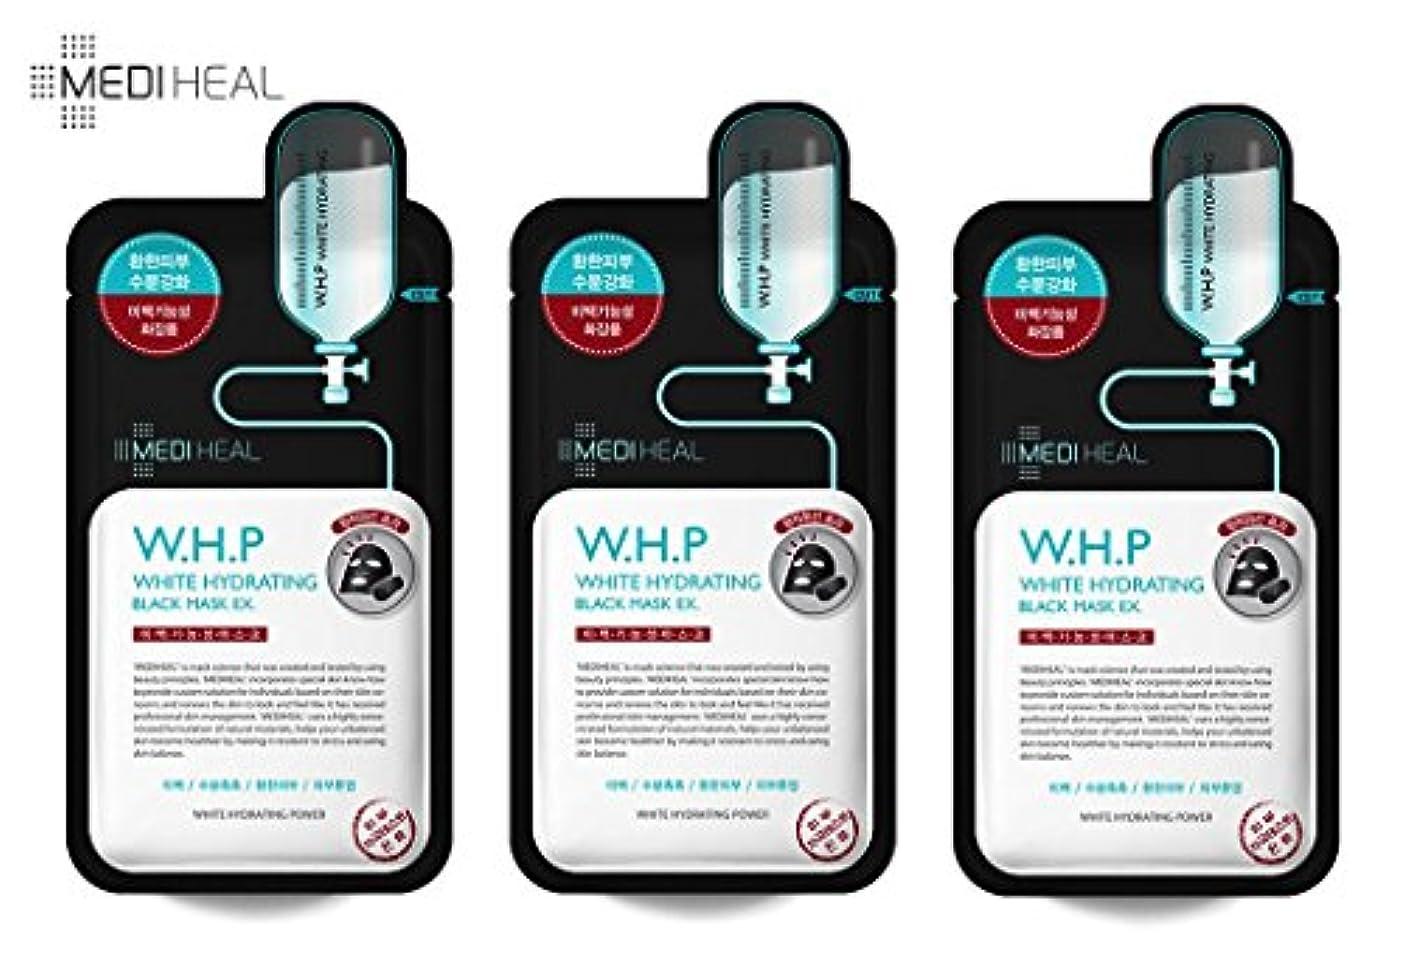 挑むメドレー名前を作る[本物] メディヒール Mediheal W.H.P 美白水分 ミネラル 炭 マスクパック (10枚) [並行輸入品]